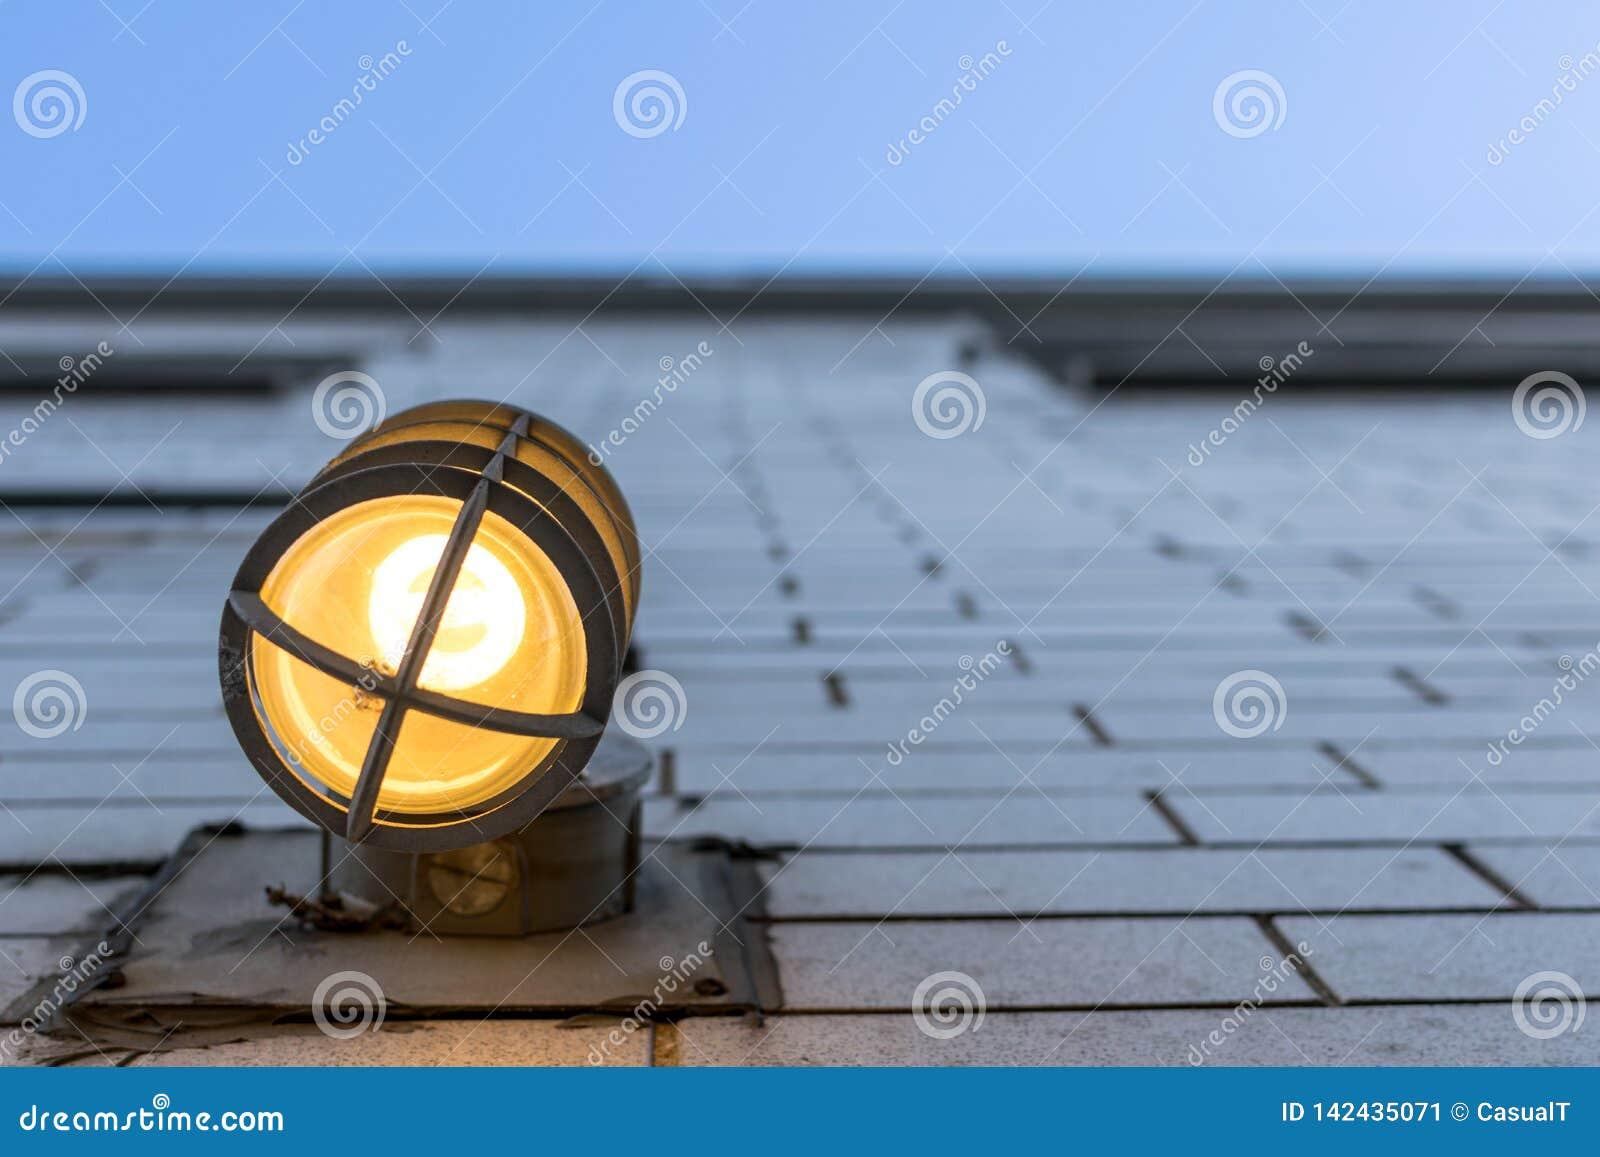 Cercando una parete esterna alta, con una lampada fuori vaga nella priorità alta